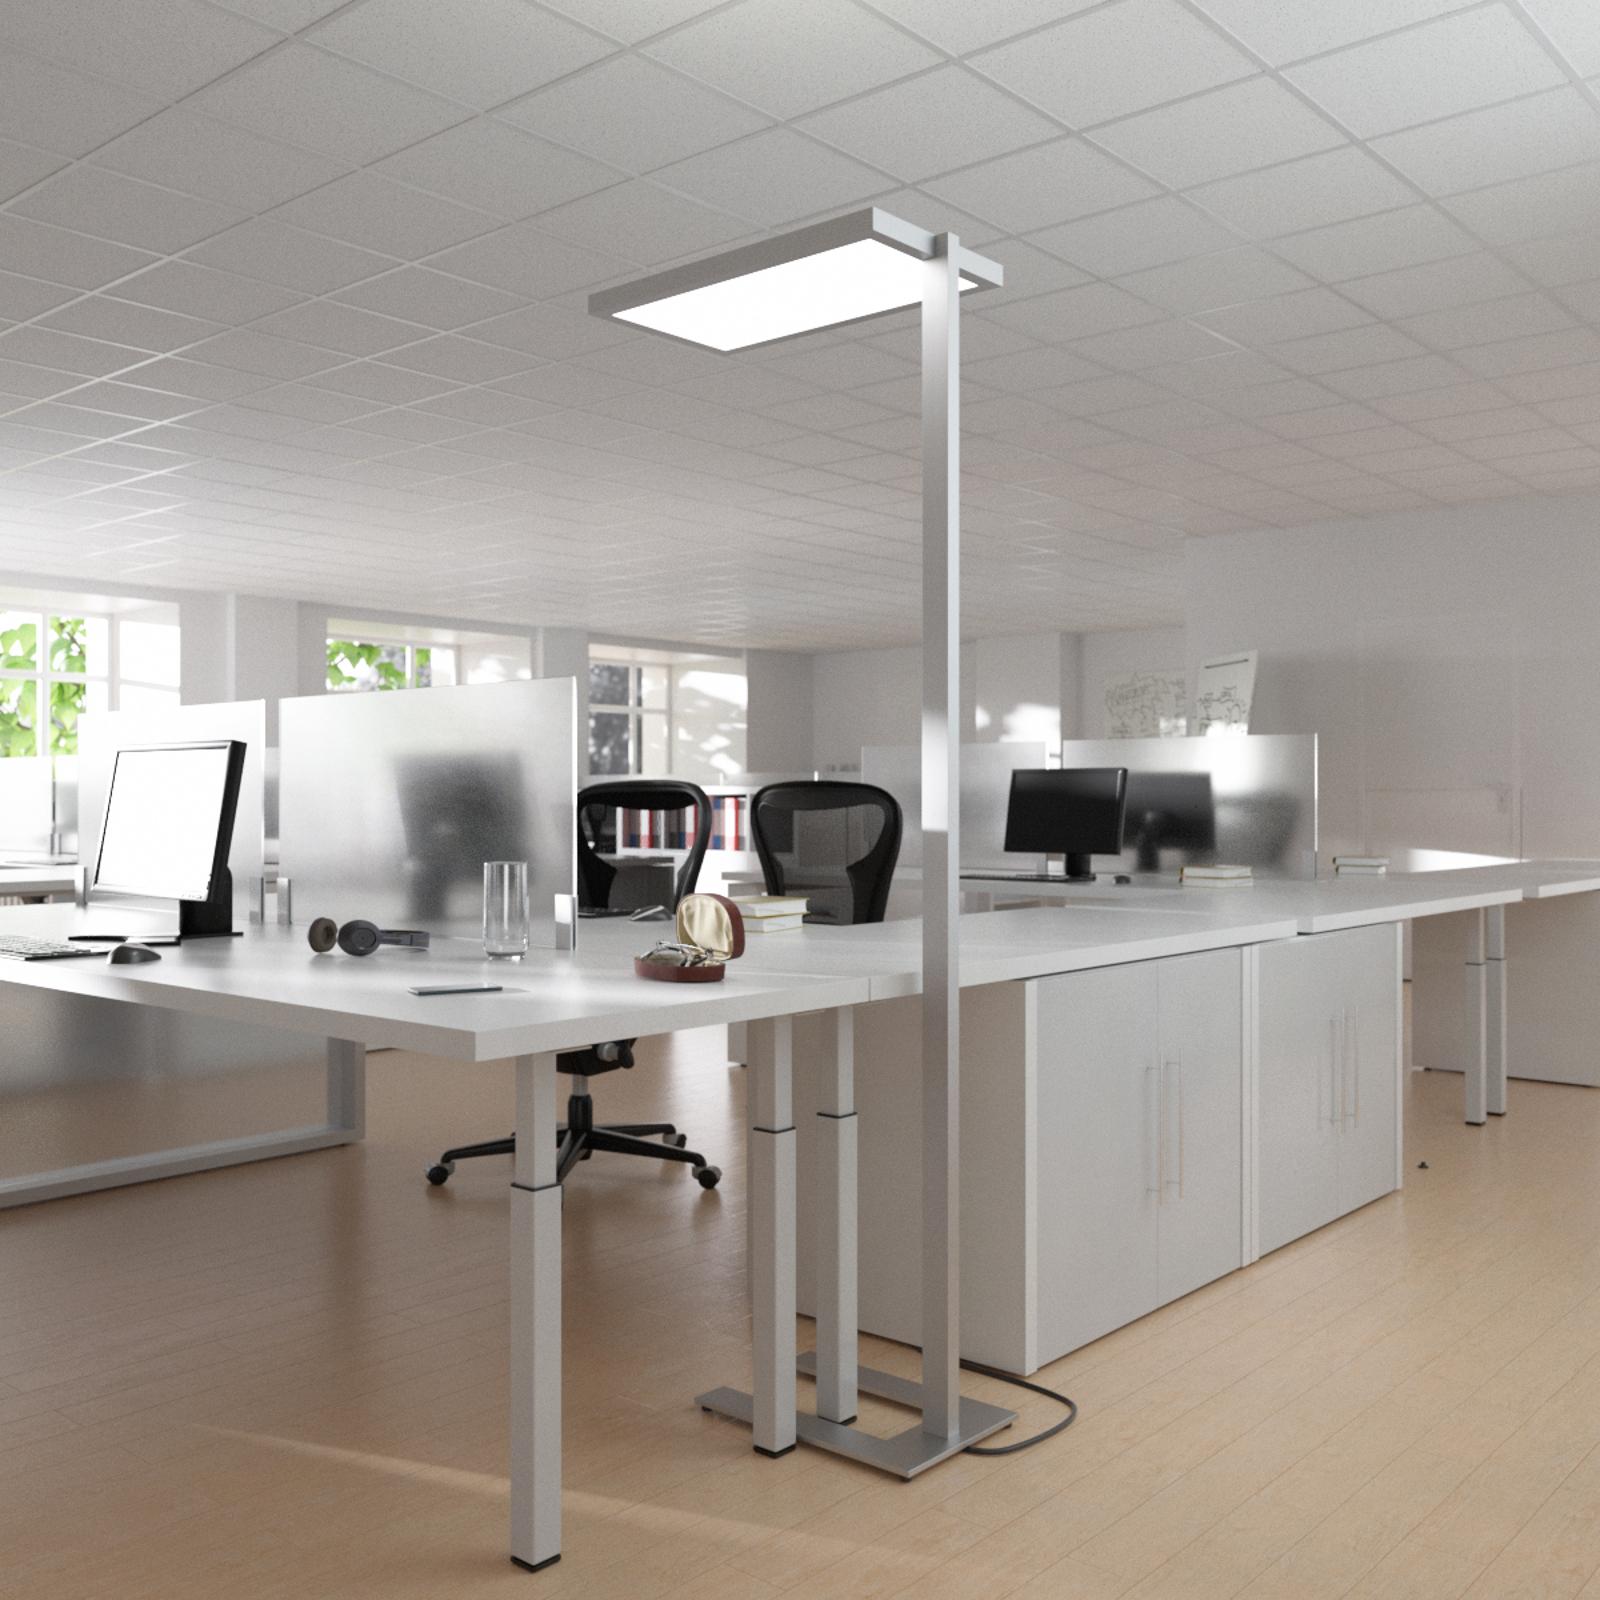 Oli-työpaikkalattiavalo LEDeillä ja himmentimellä